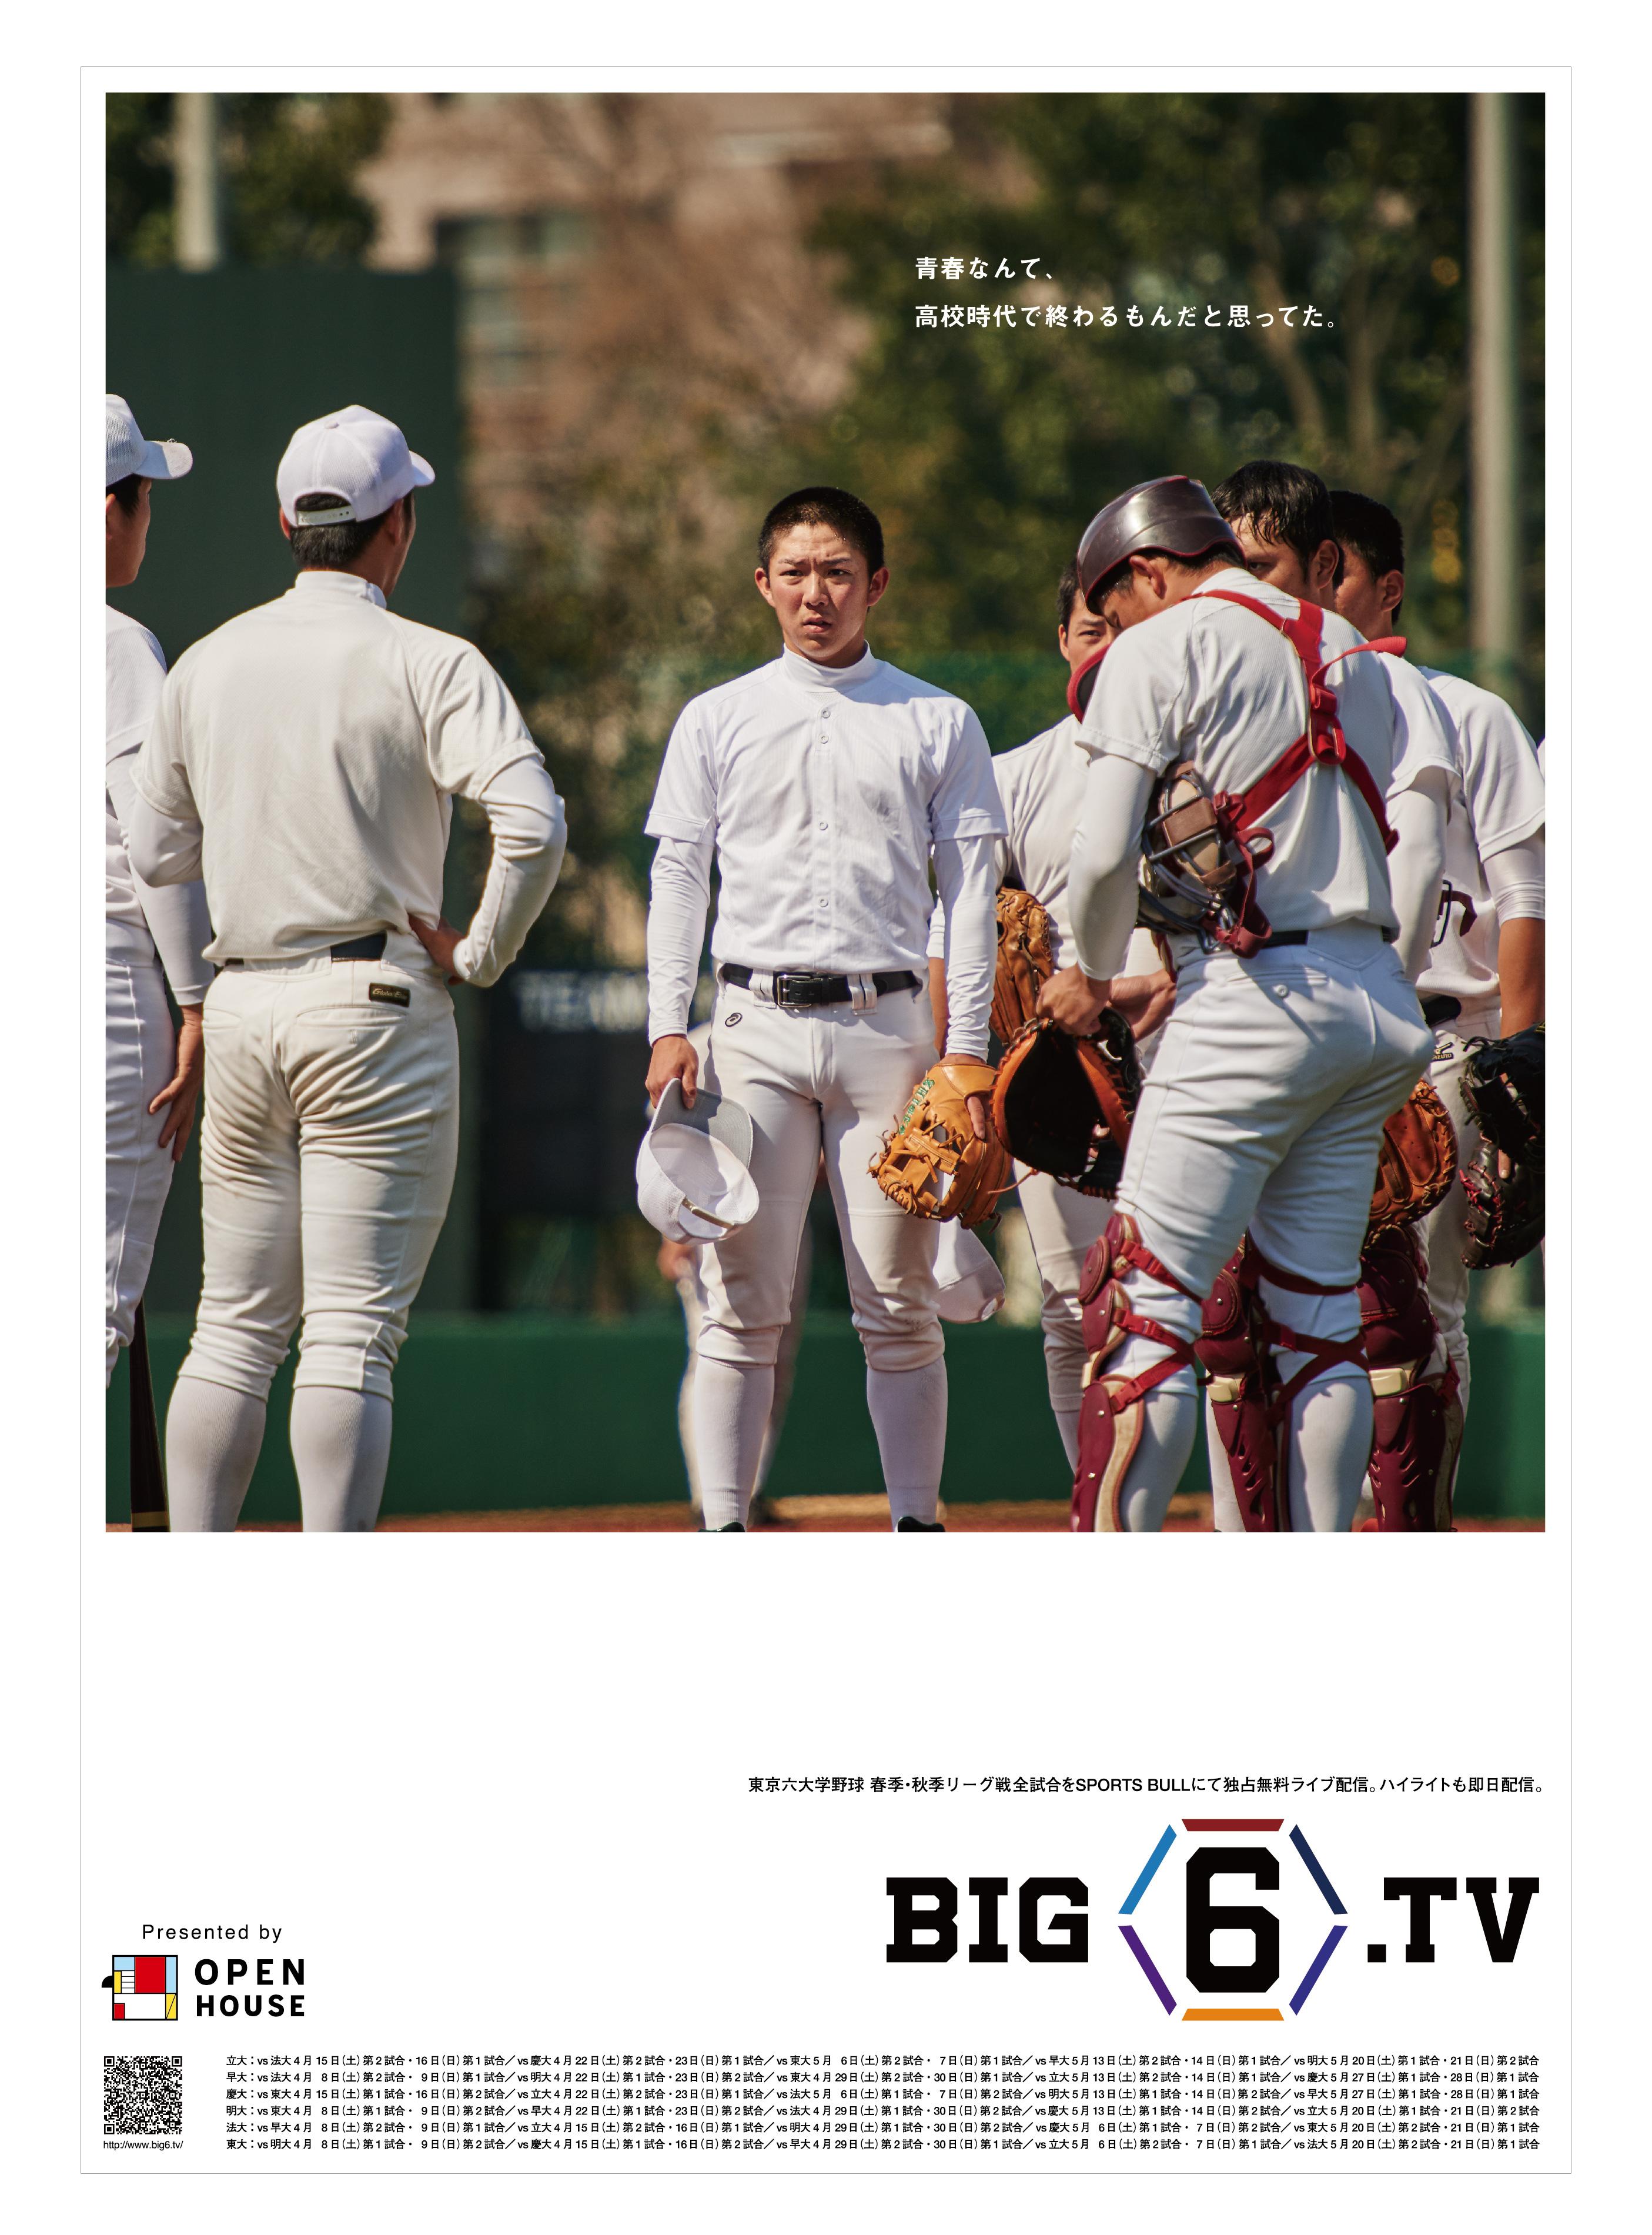 big6-16